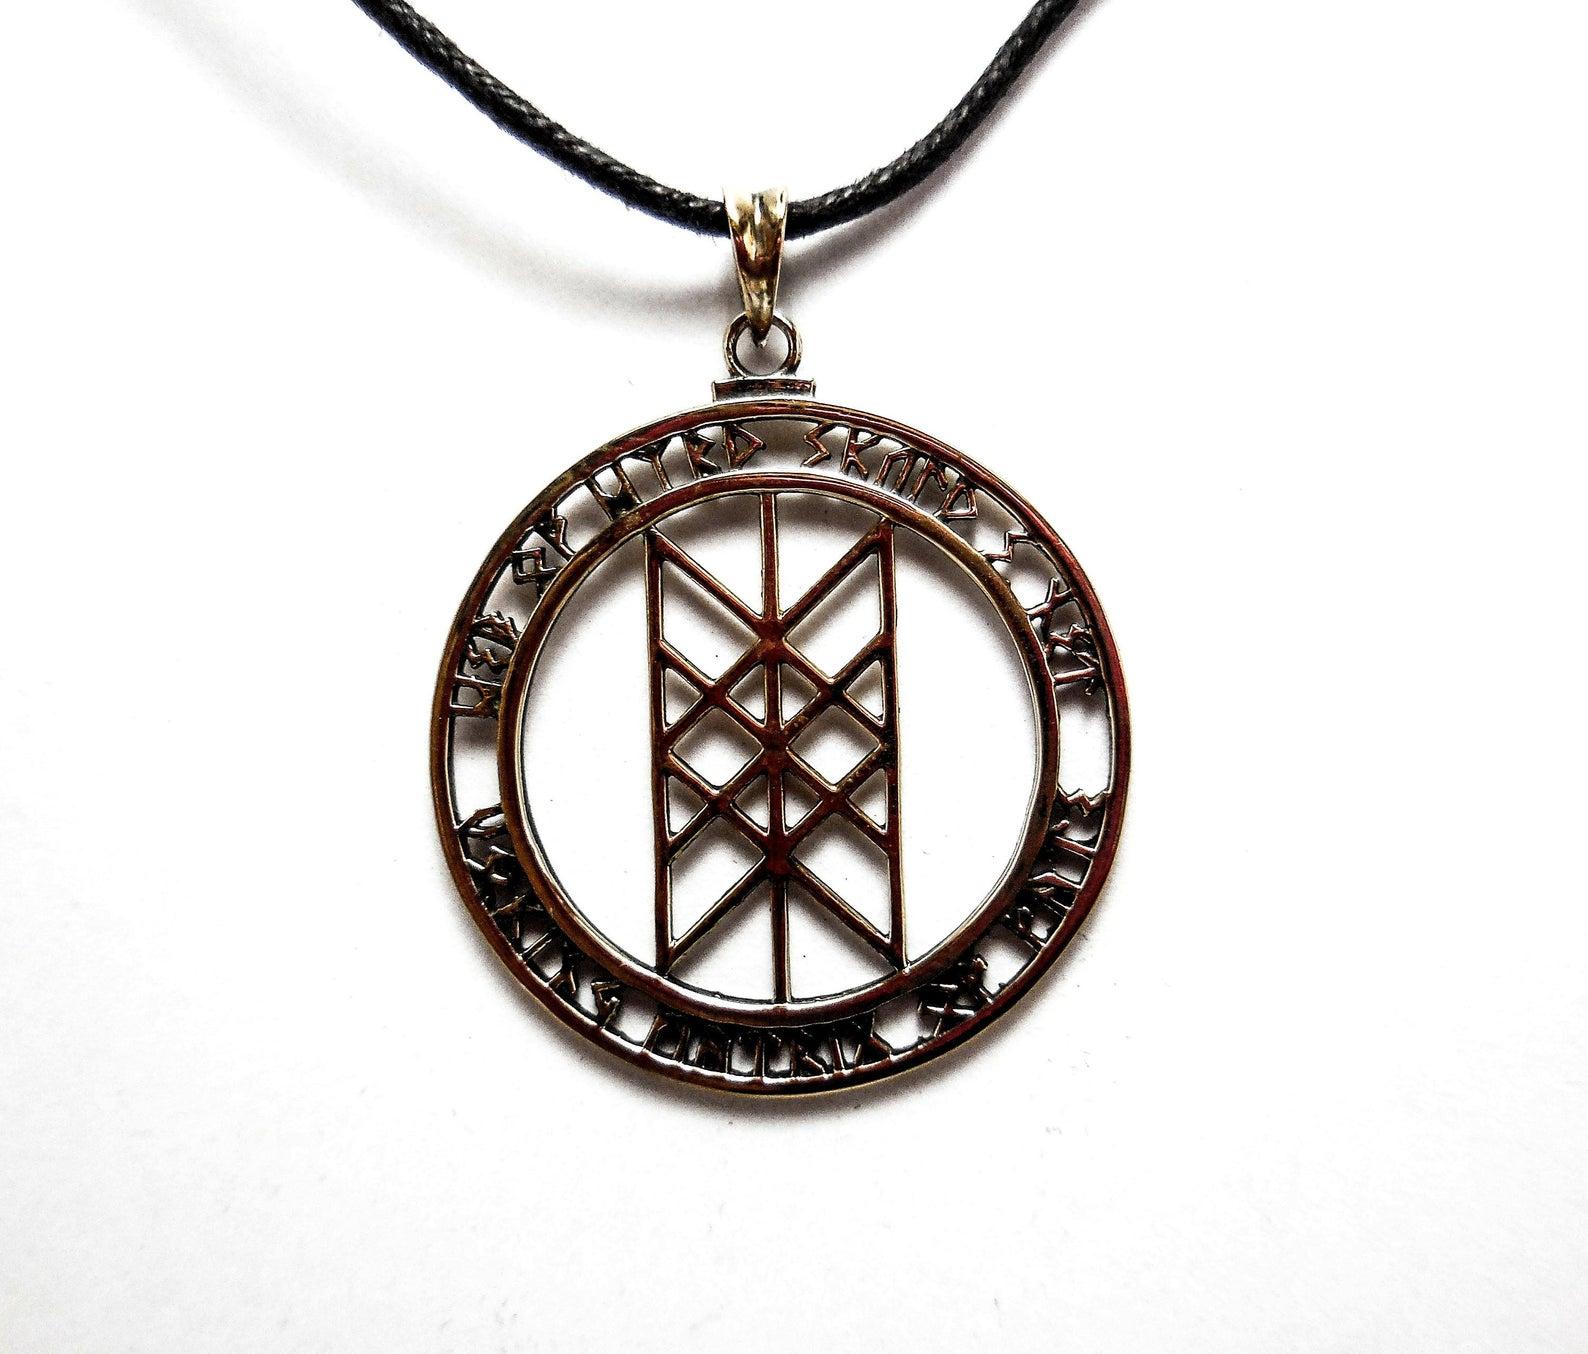 Web of Wyrd Pendant, Amulet